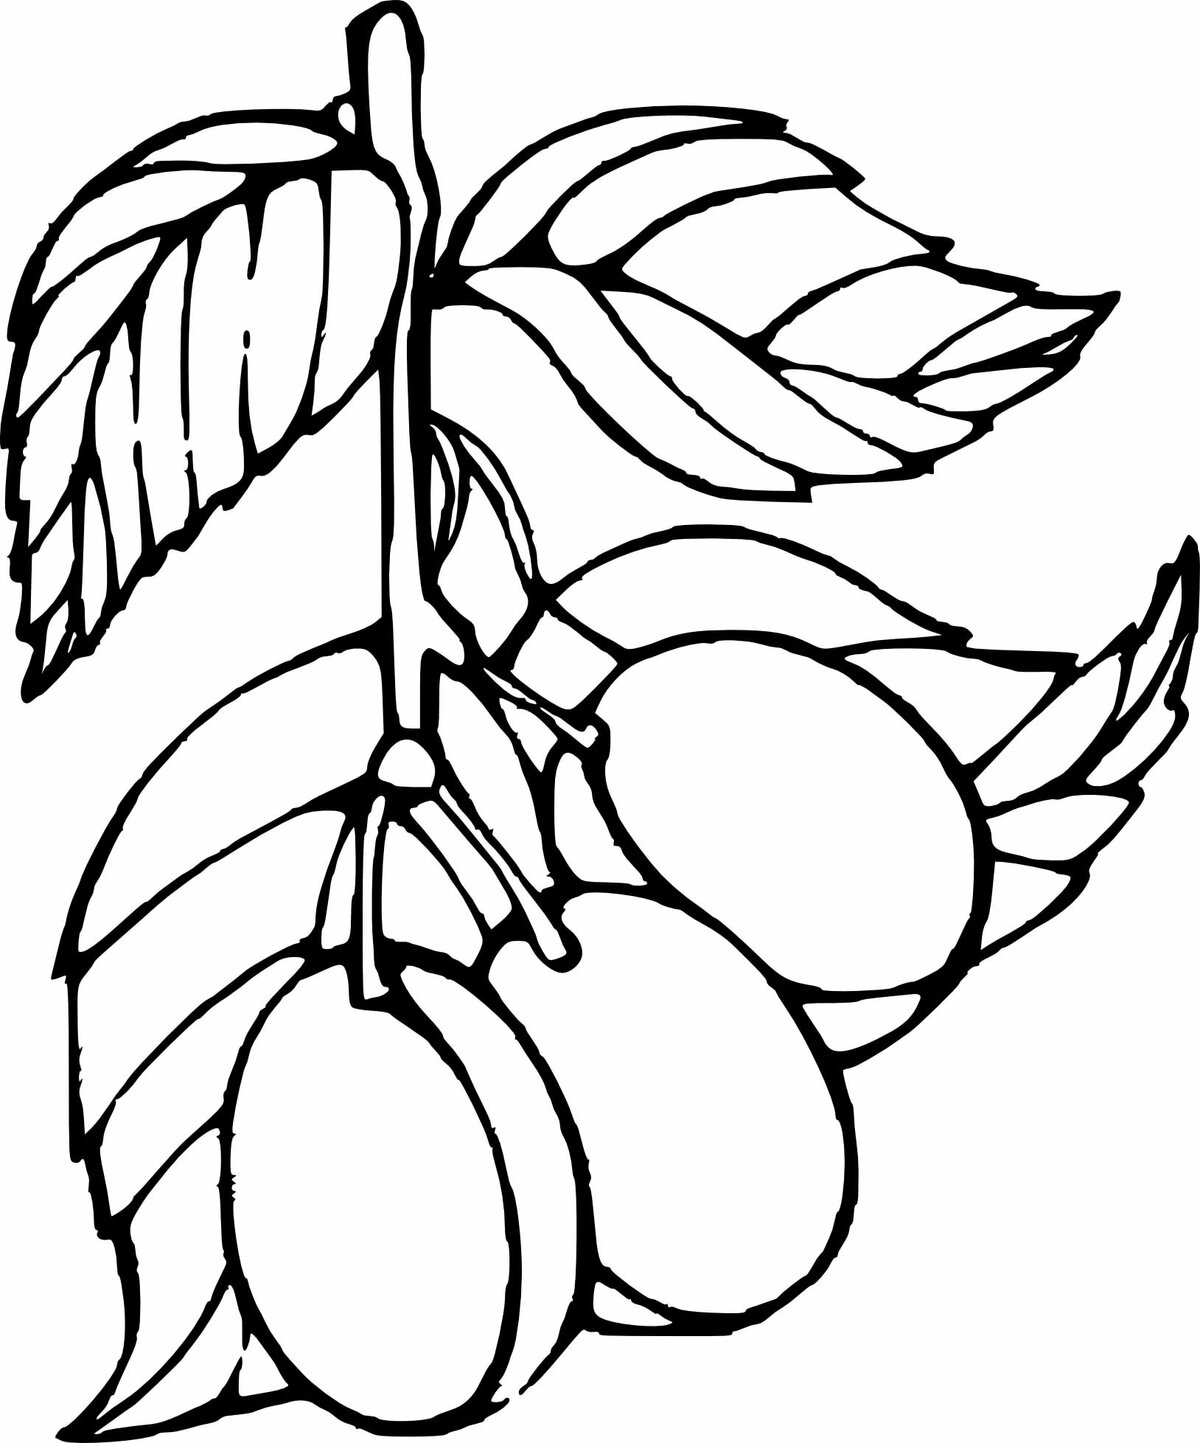 связи картинка раскраска плоды деревьев будущем году